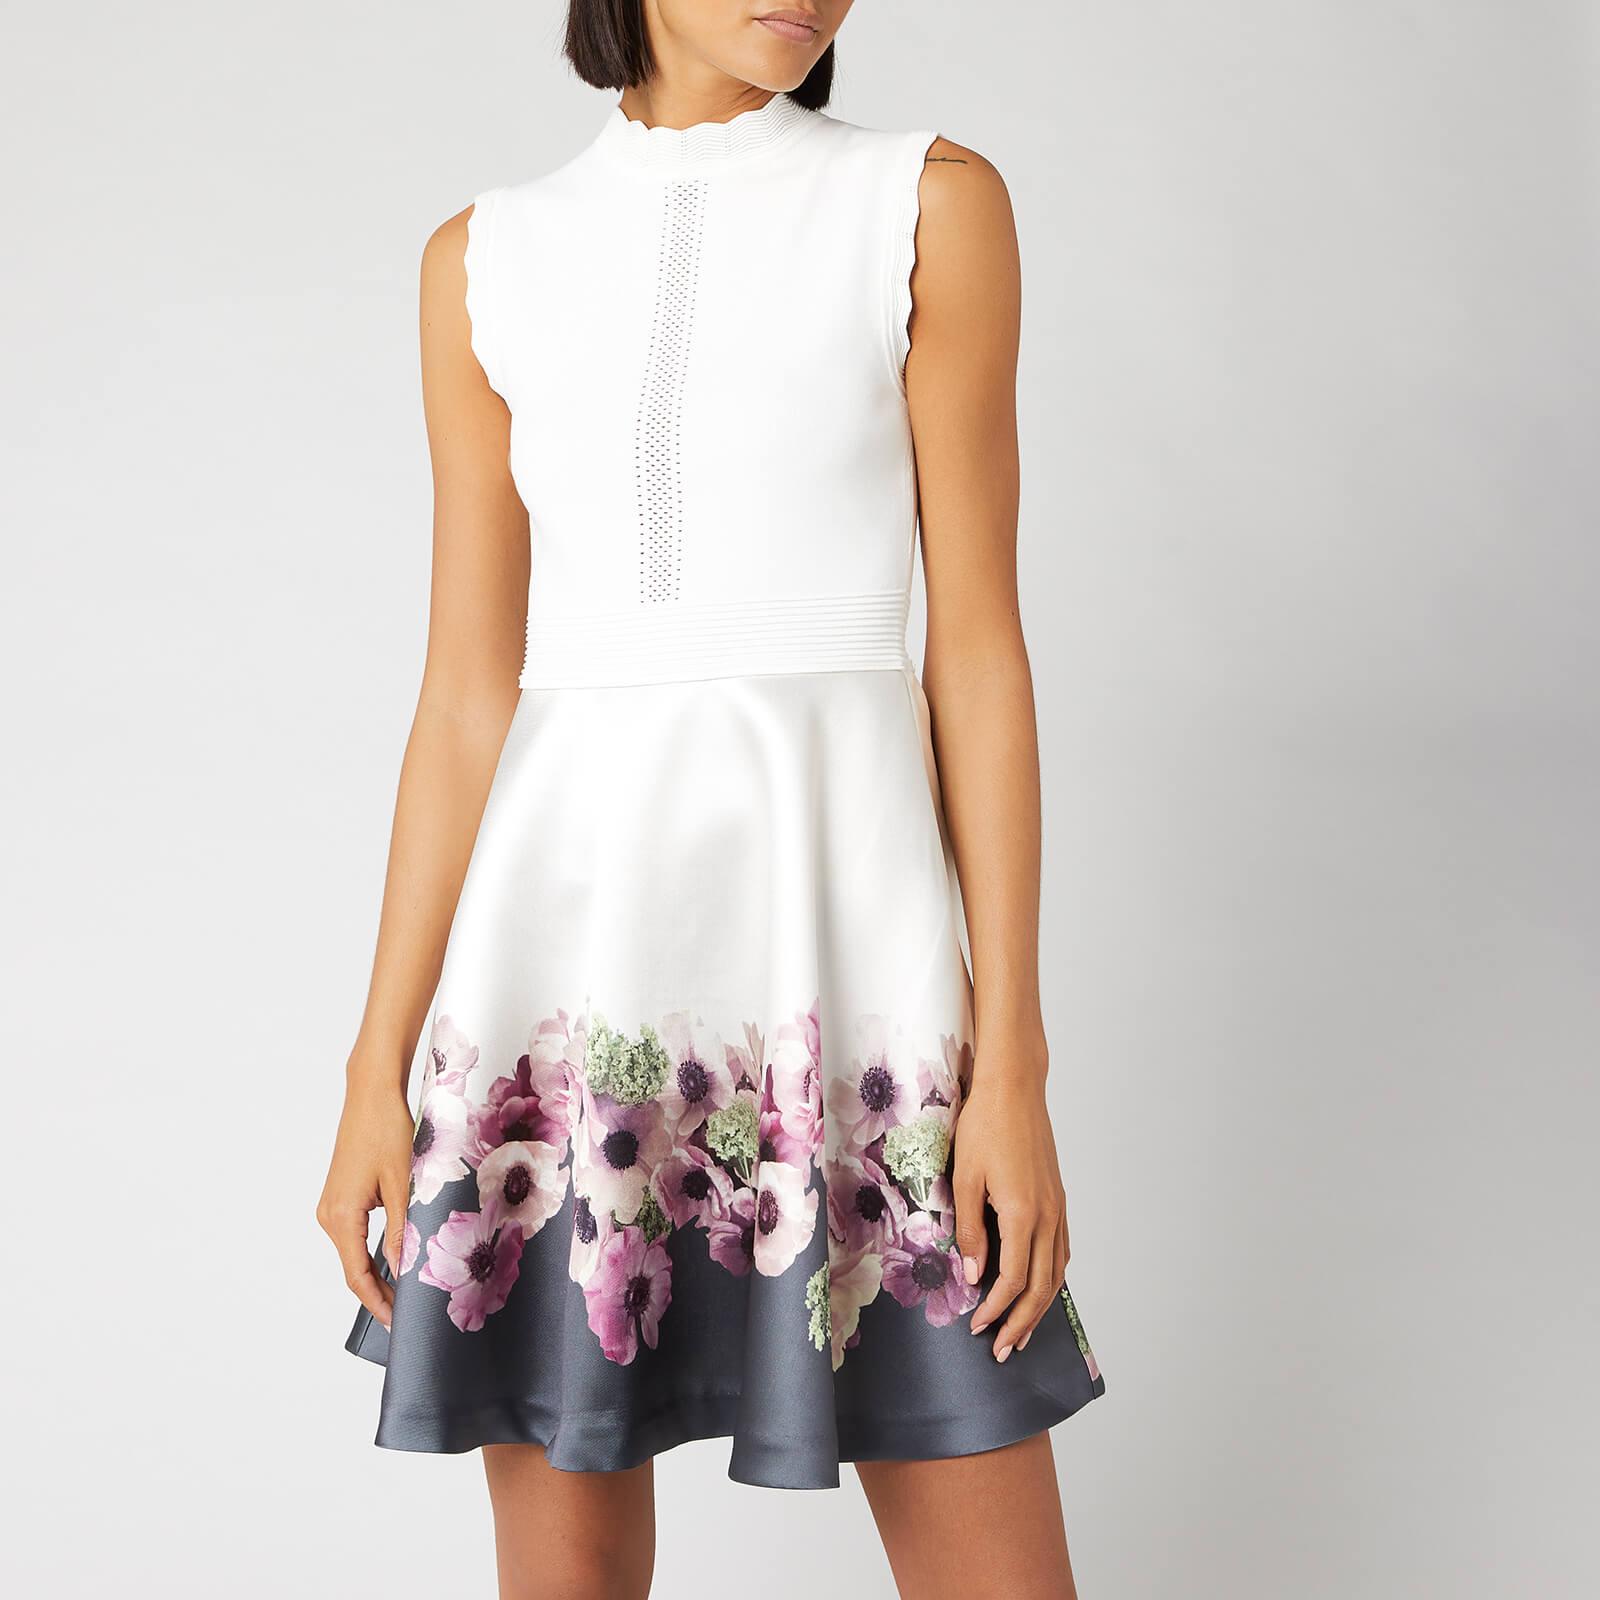 Ted Baker Women's Janyis Neopolitan Skater Dress - Ivory - 1/UK 8 - Cream